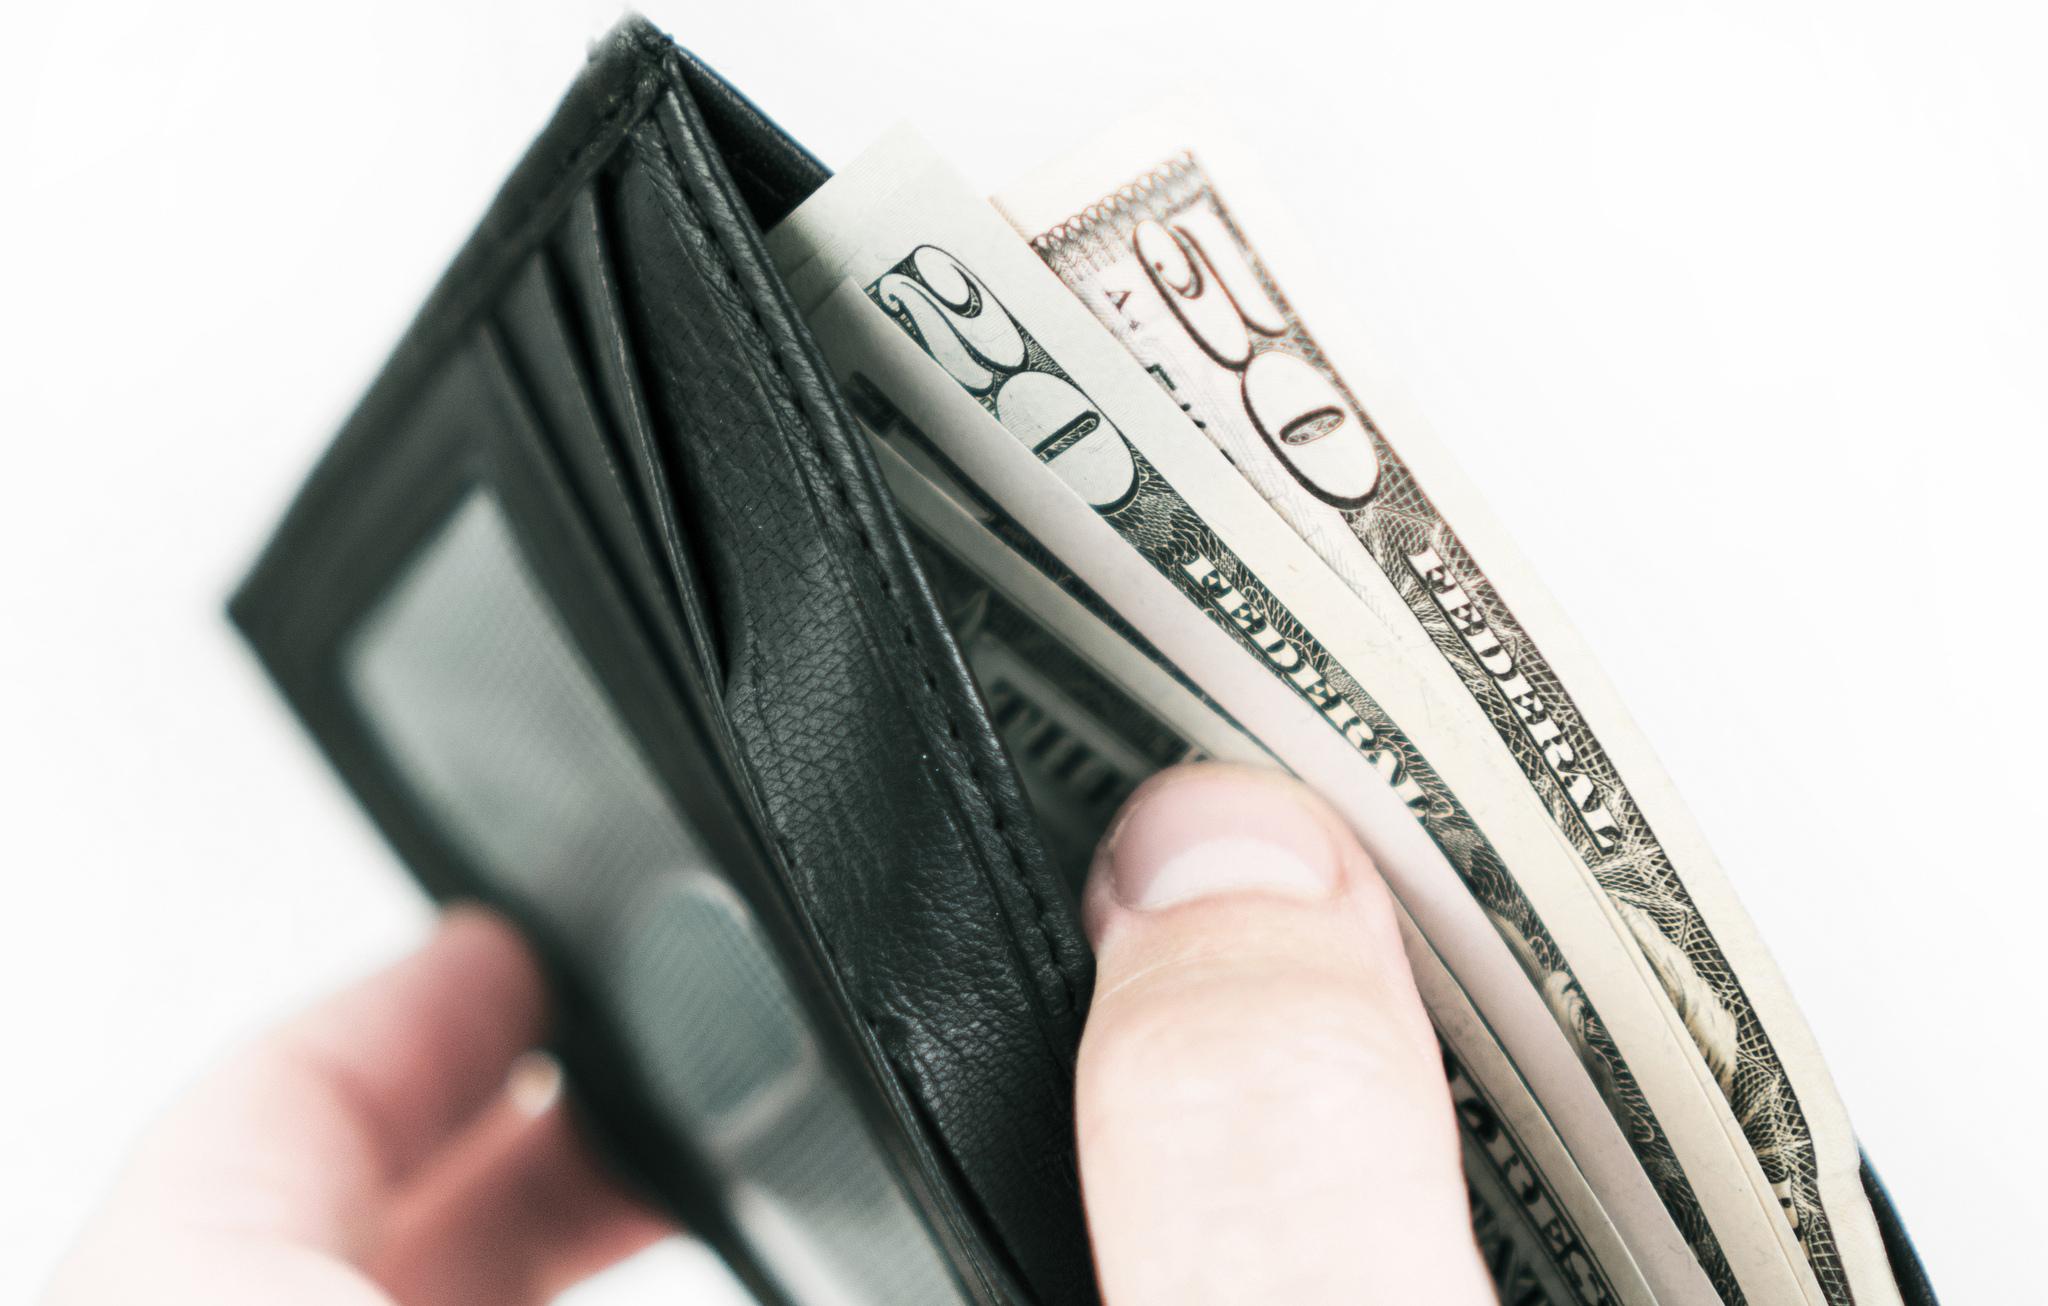 Cum să nu rămâi niciodată fără bani când lucrezi ca freelancer? (I)